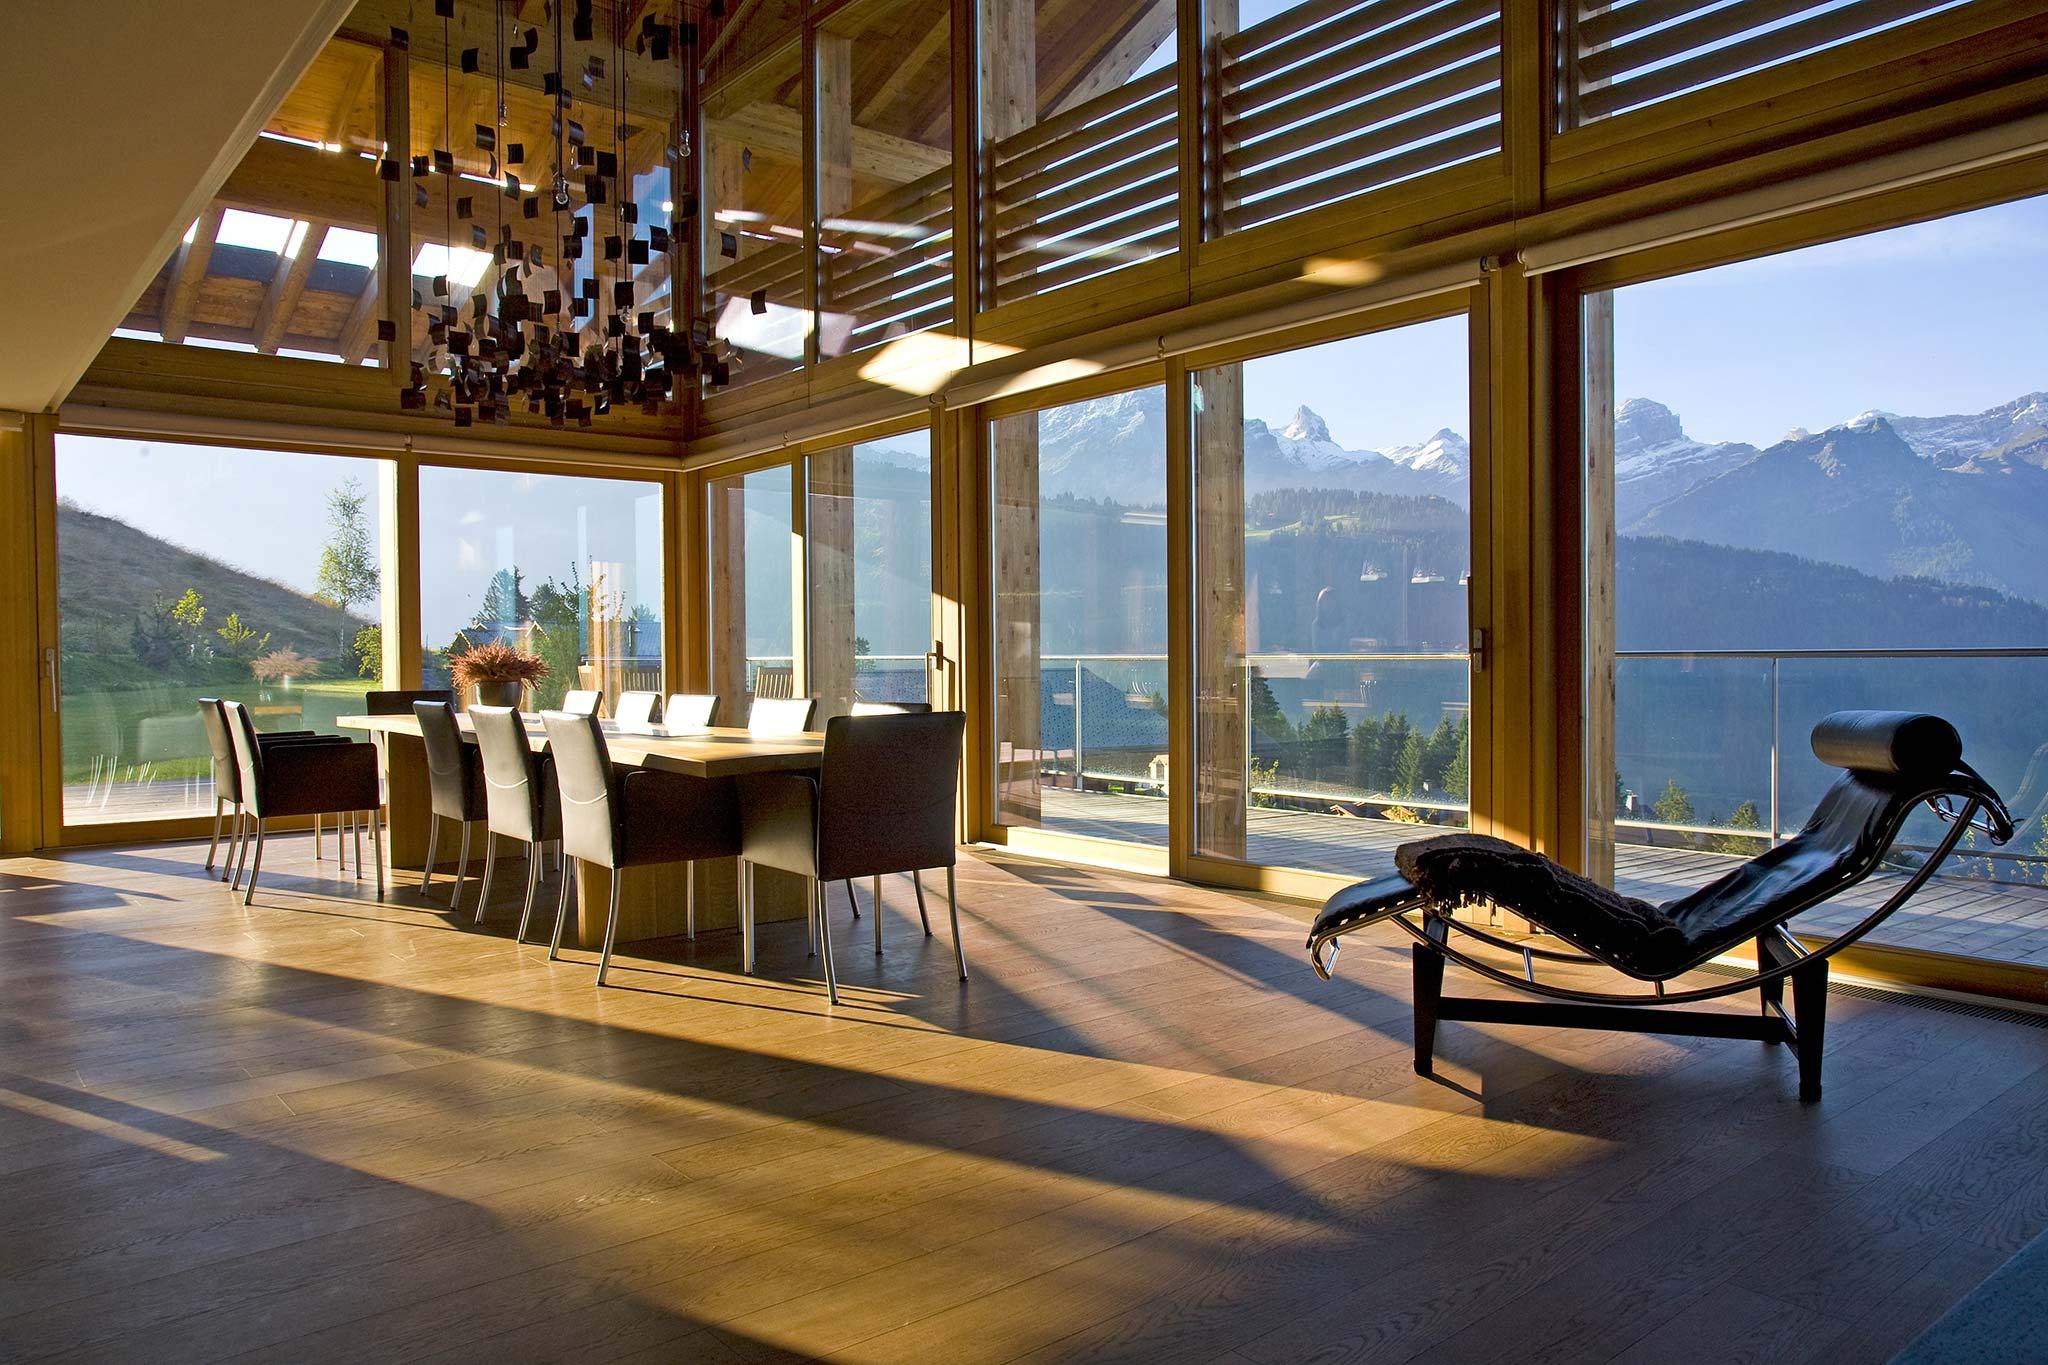 interior design vs interior architecture callender howorth